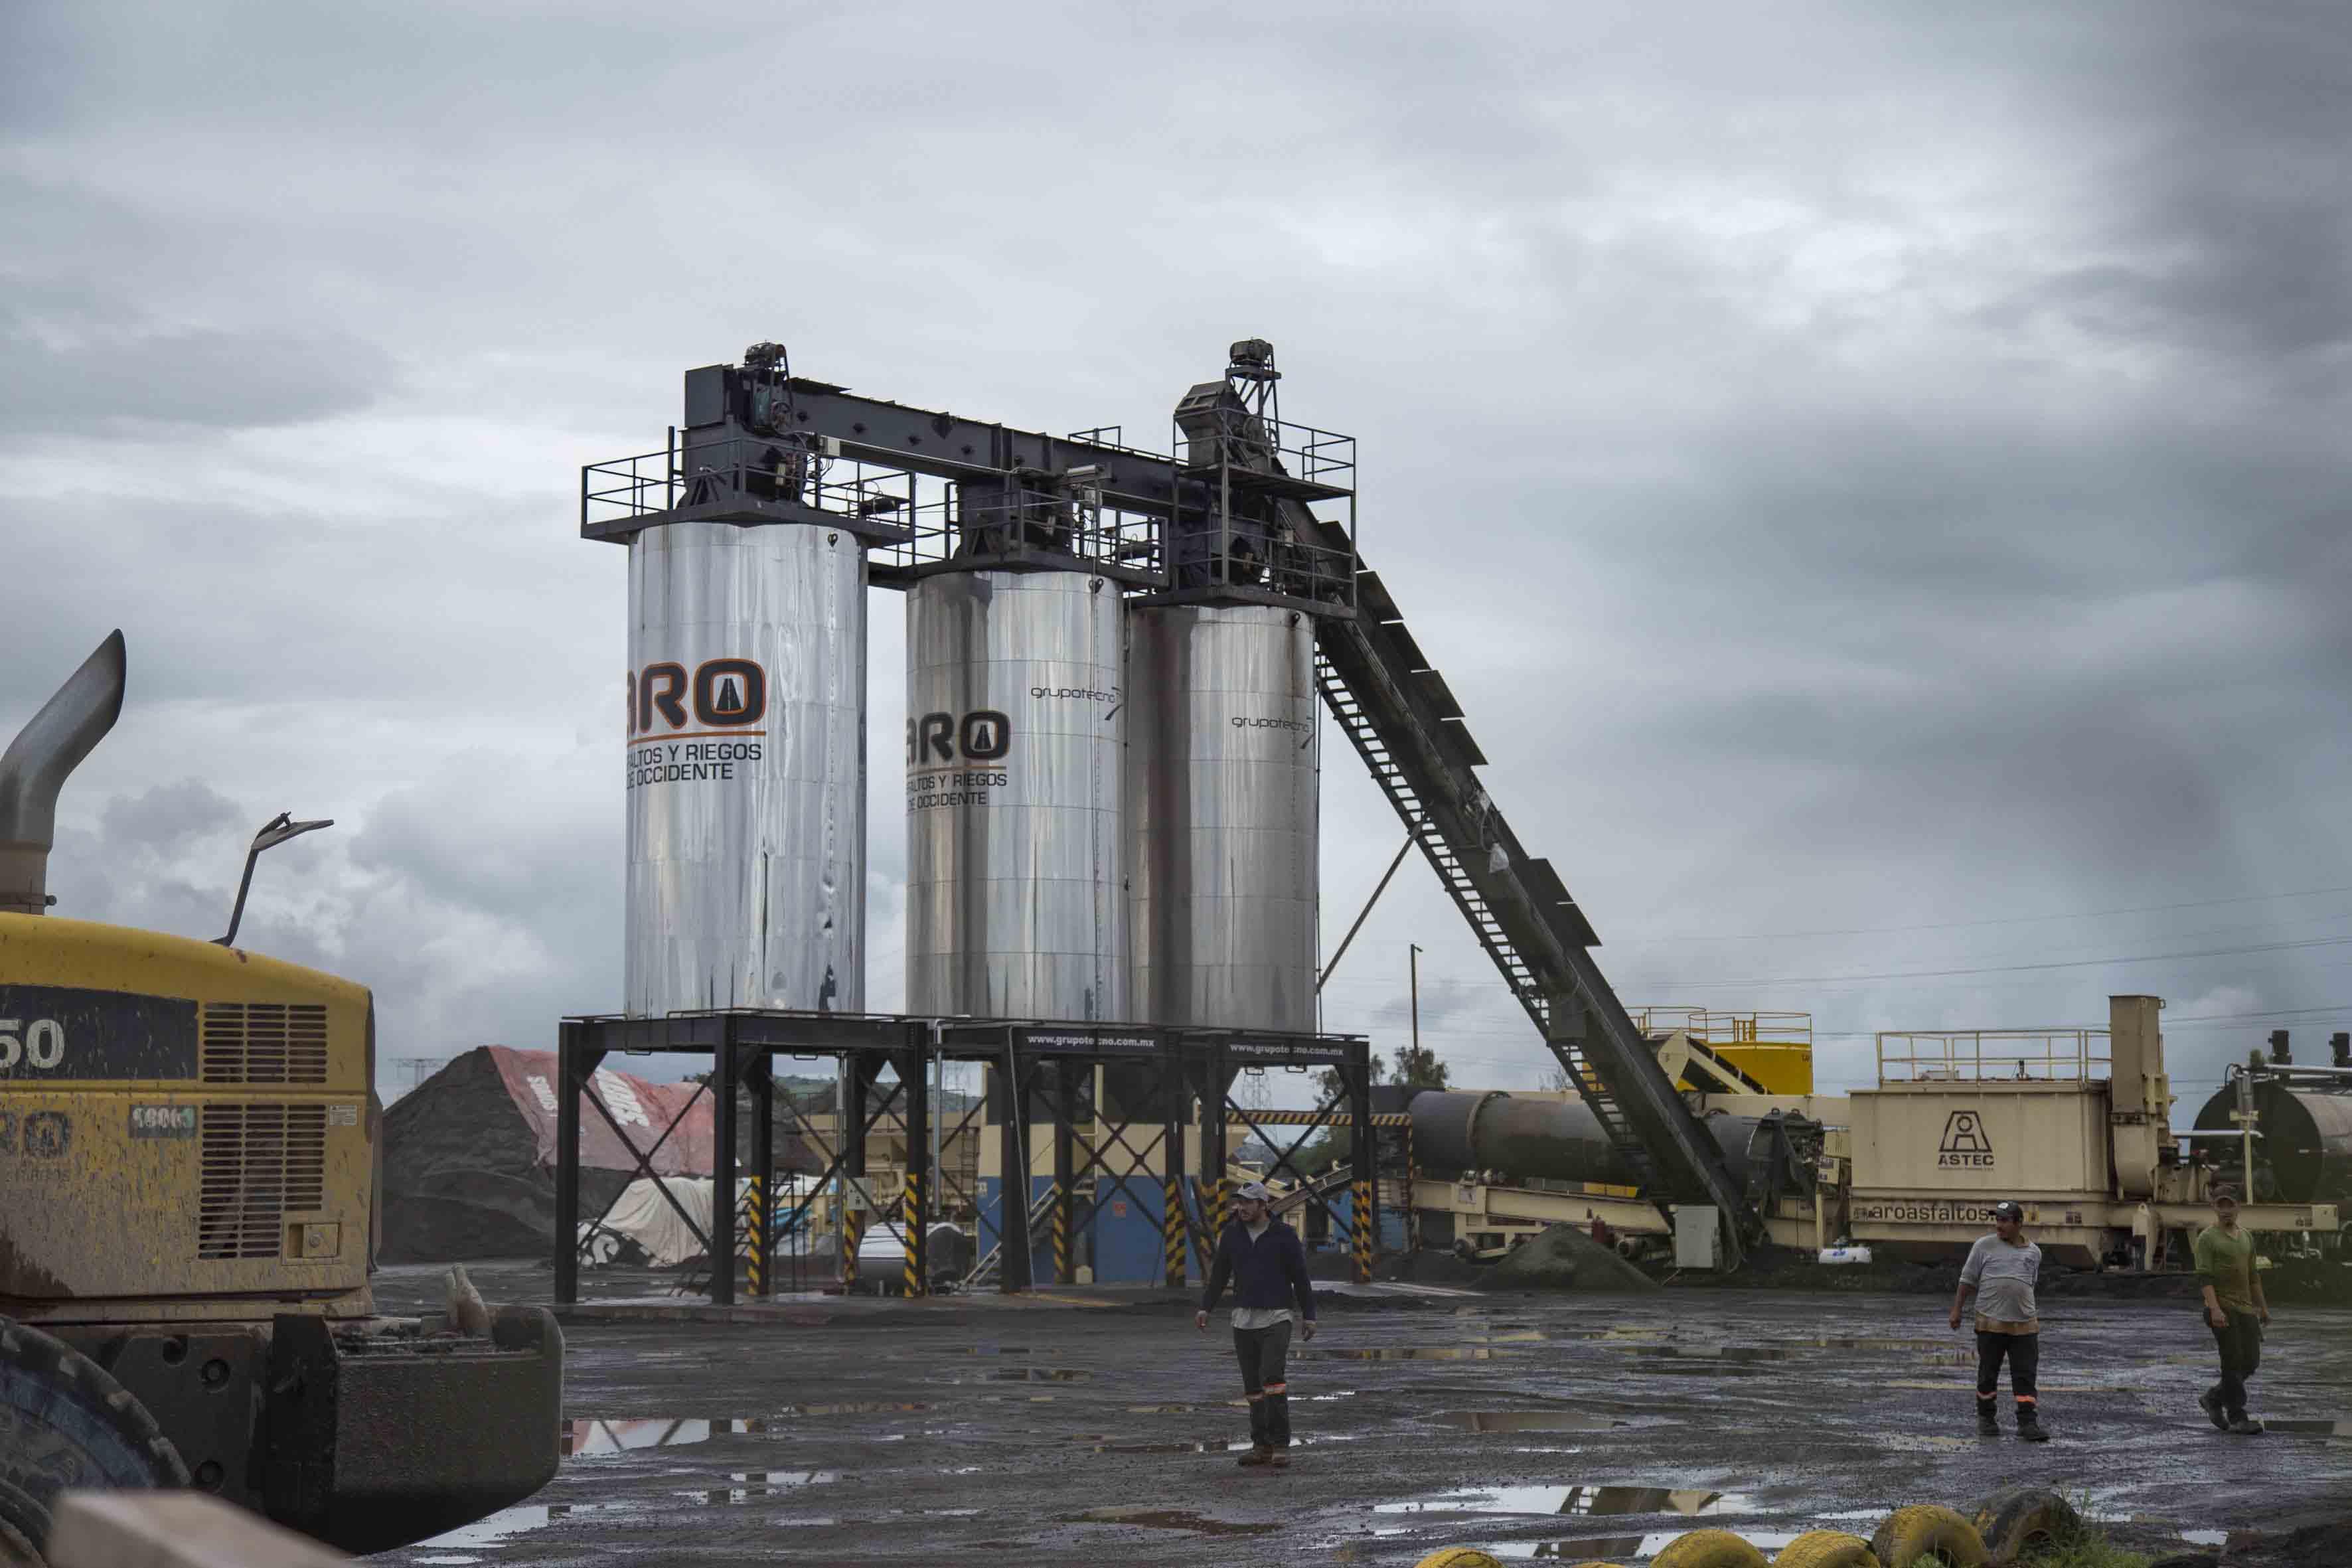 Industria del asfalto en operación.